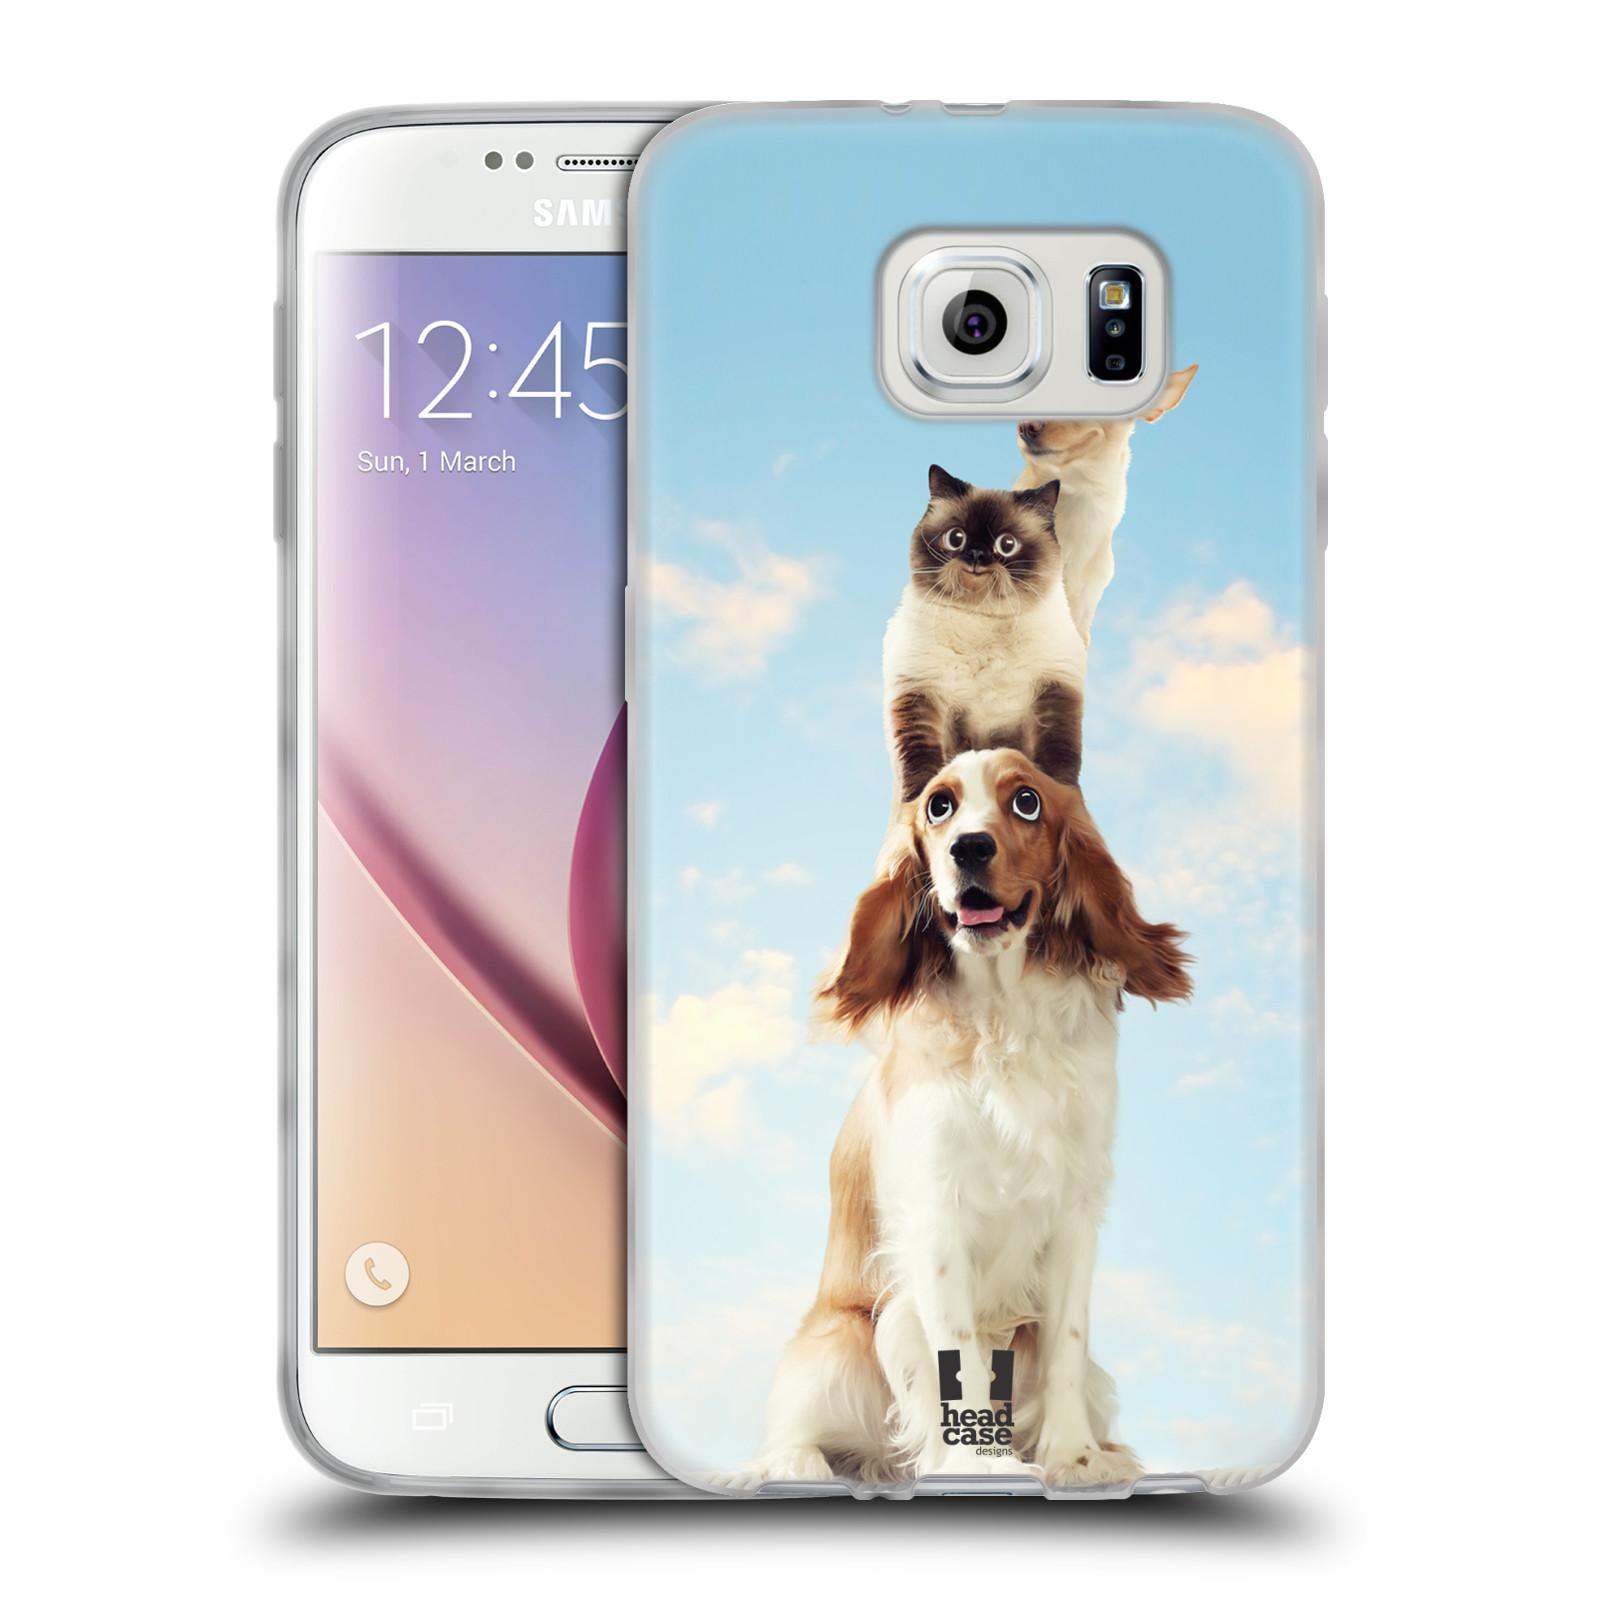 HEAD CASE silikonový obal na mobil Samsung Galaxy S6 vzor Legrační zvířátka zvířecí totem